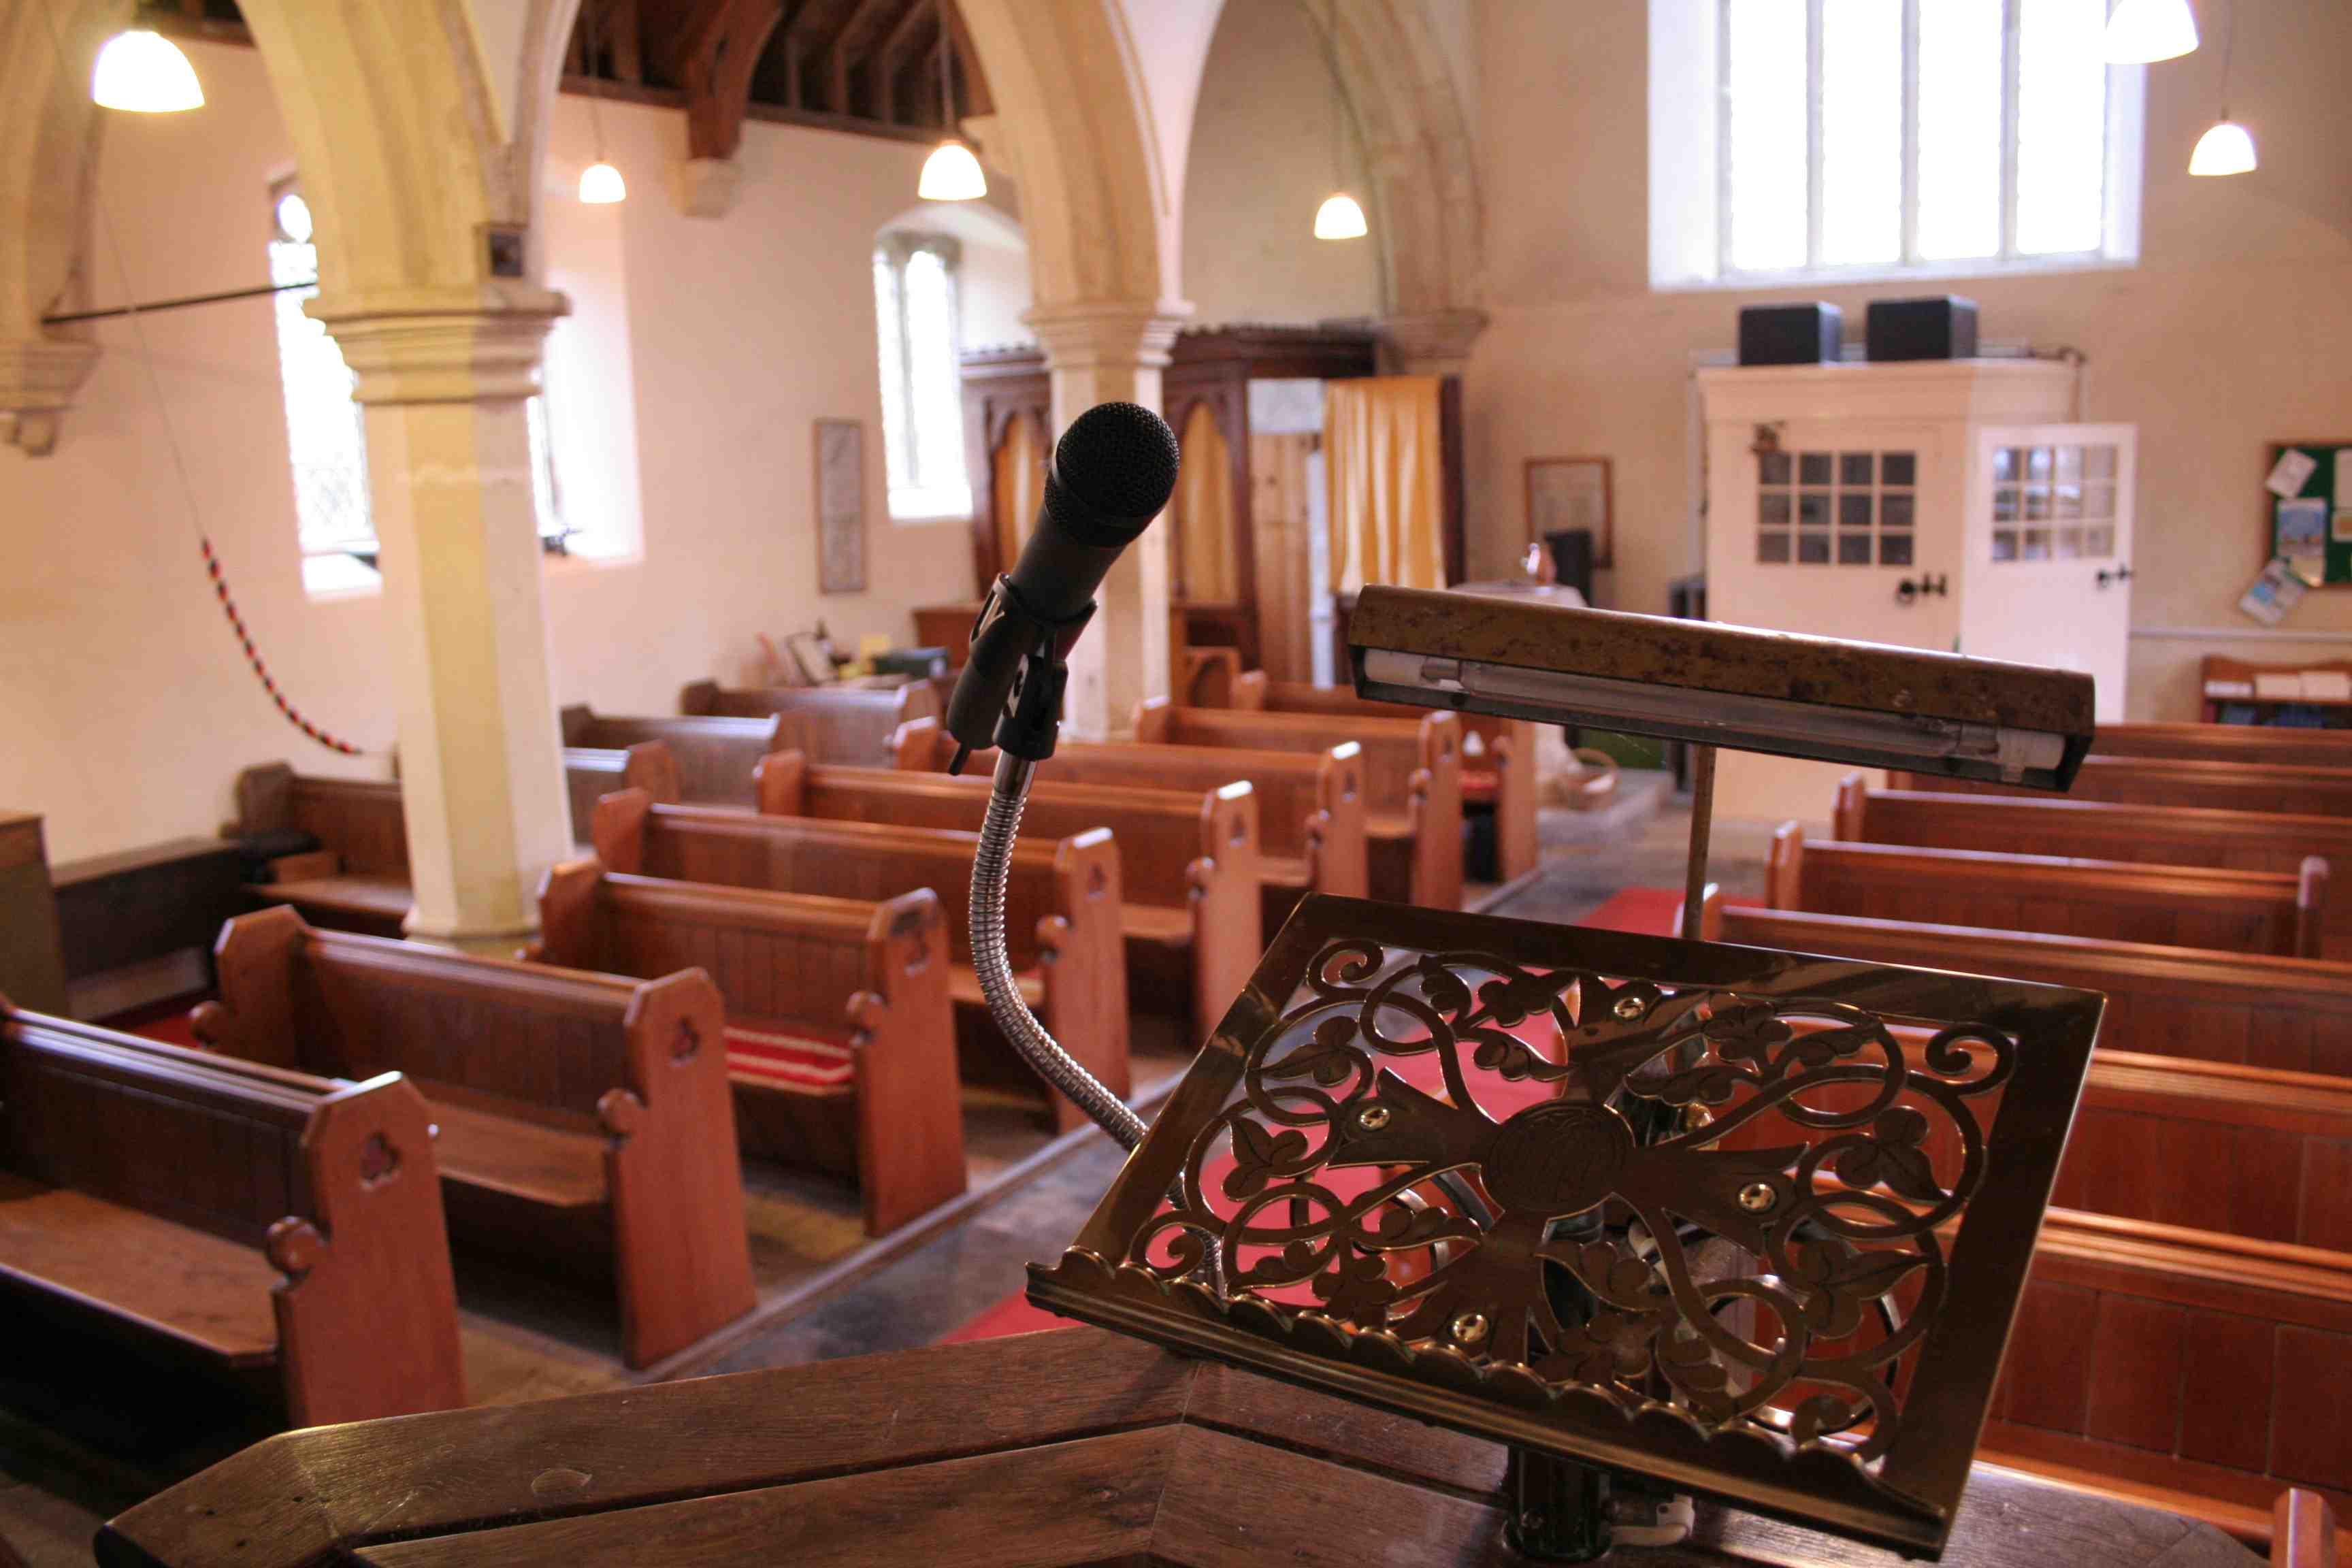 Biserica are nevoie de sisteme de sonorizare